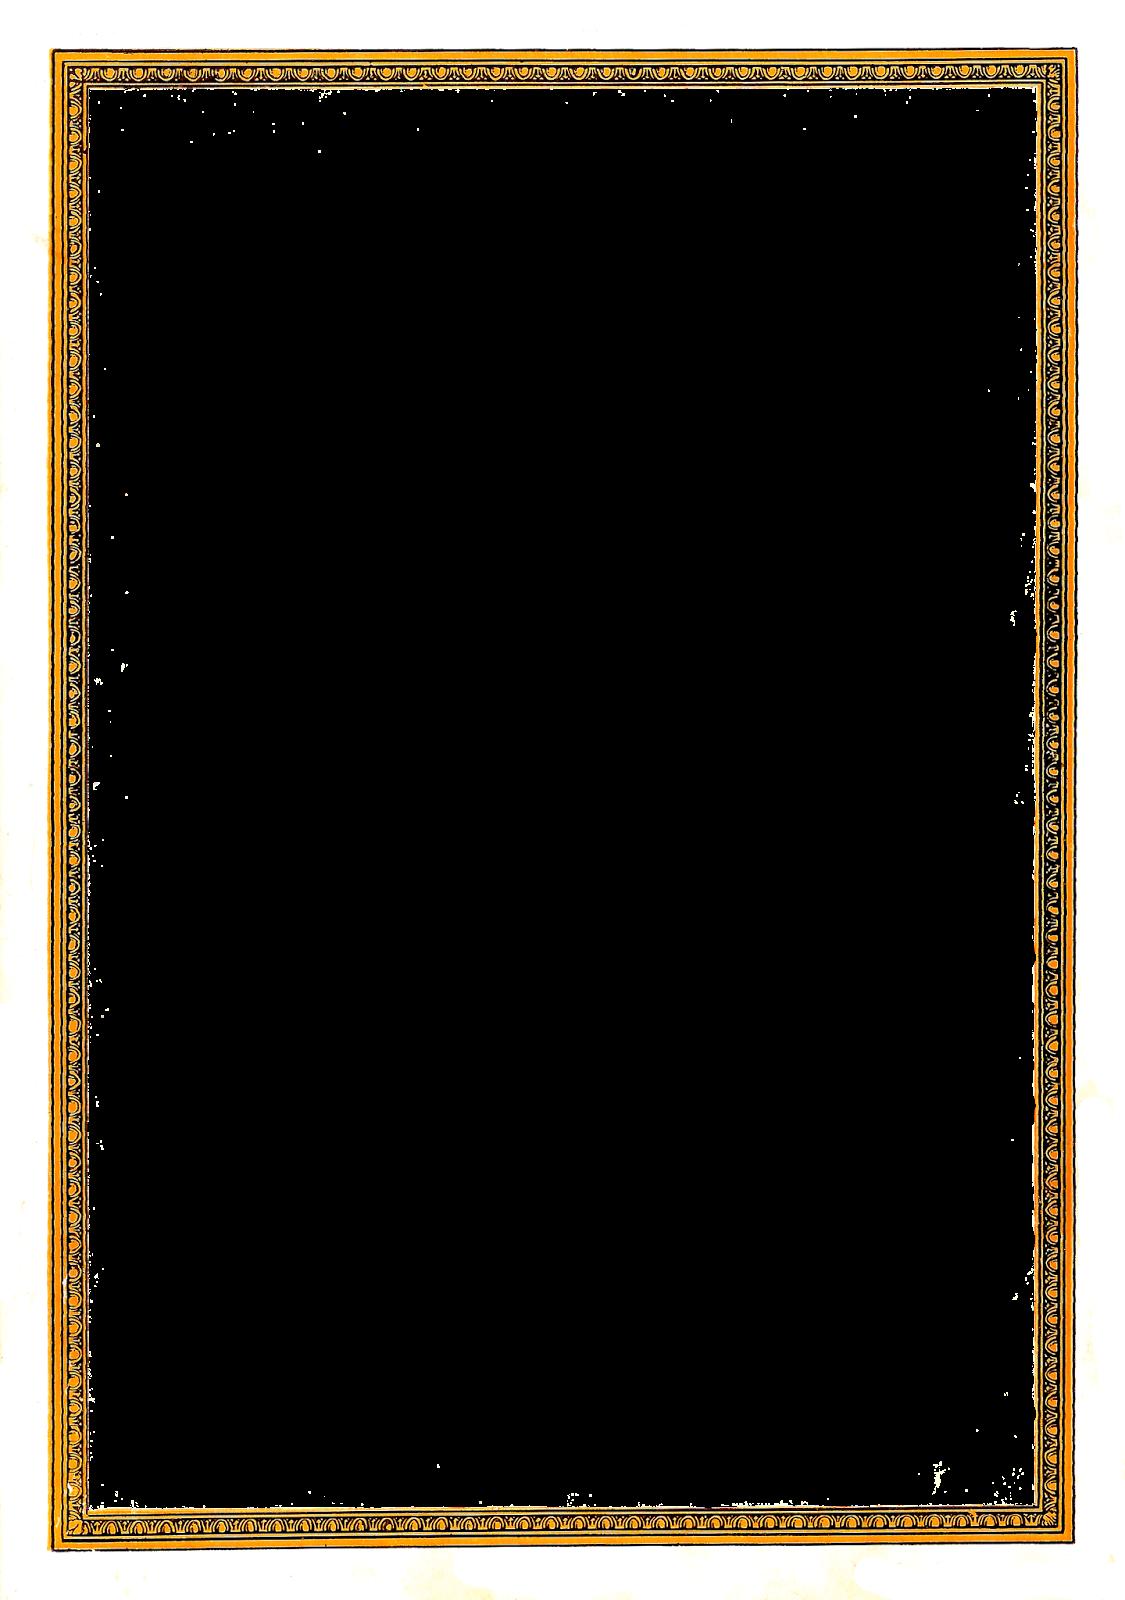 Simple vintage border png. Antique images decorative frame